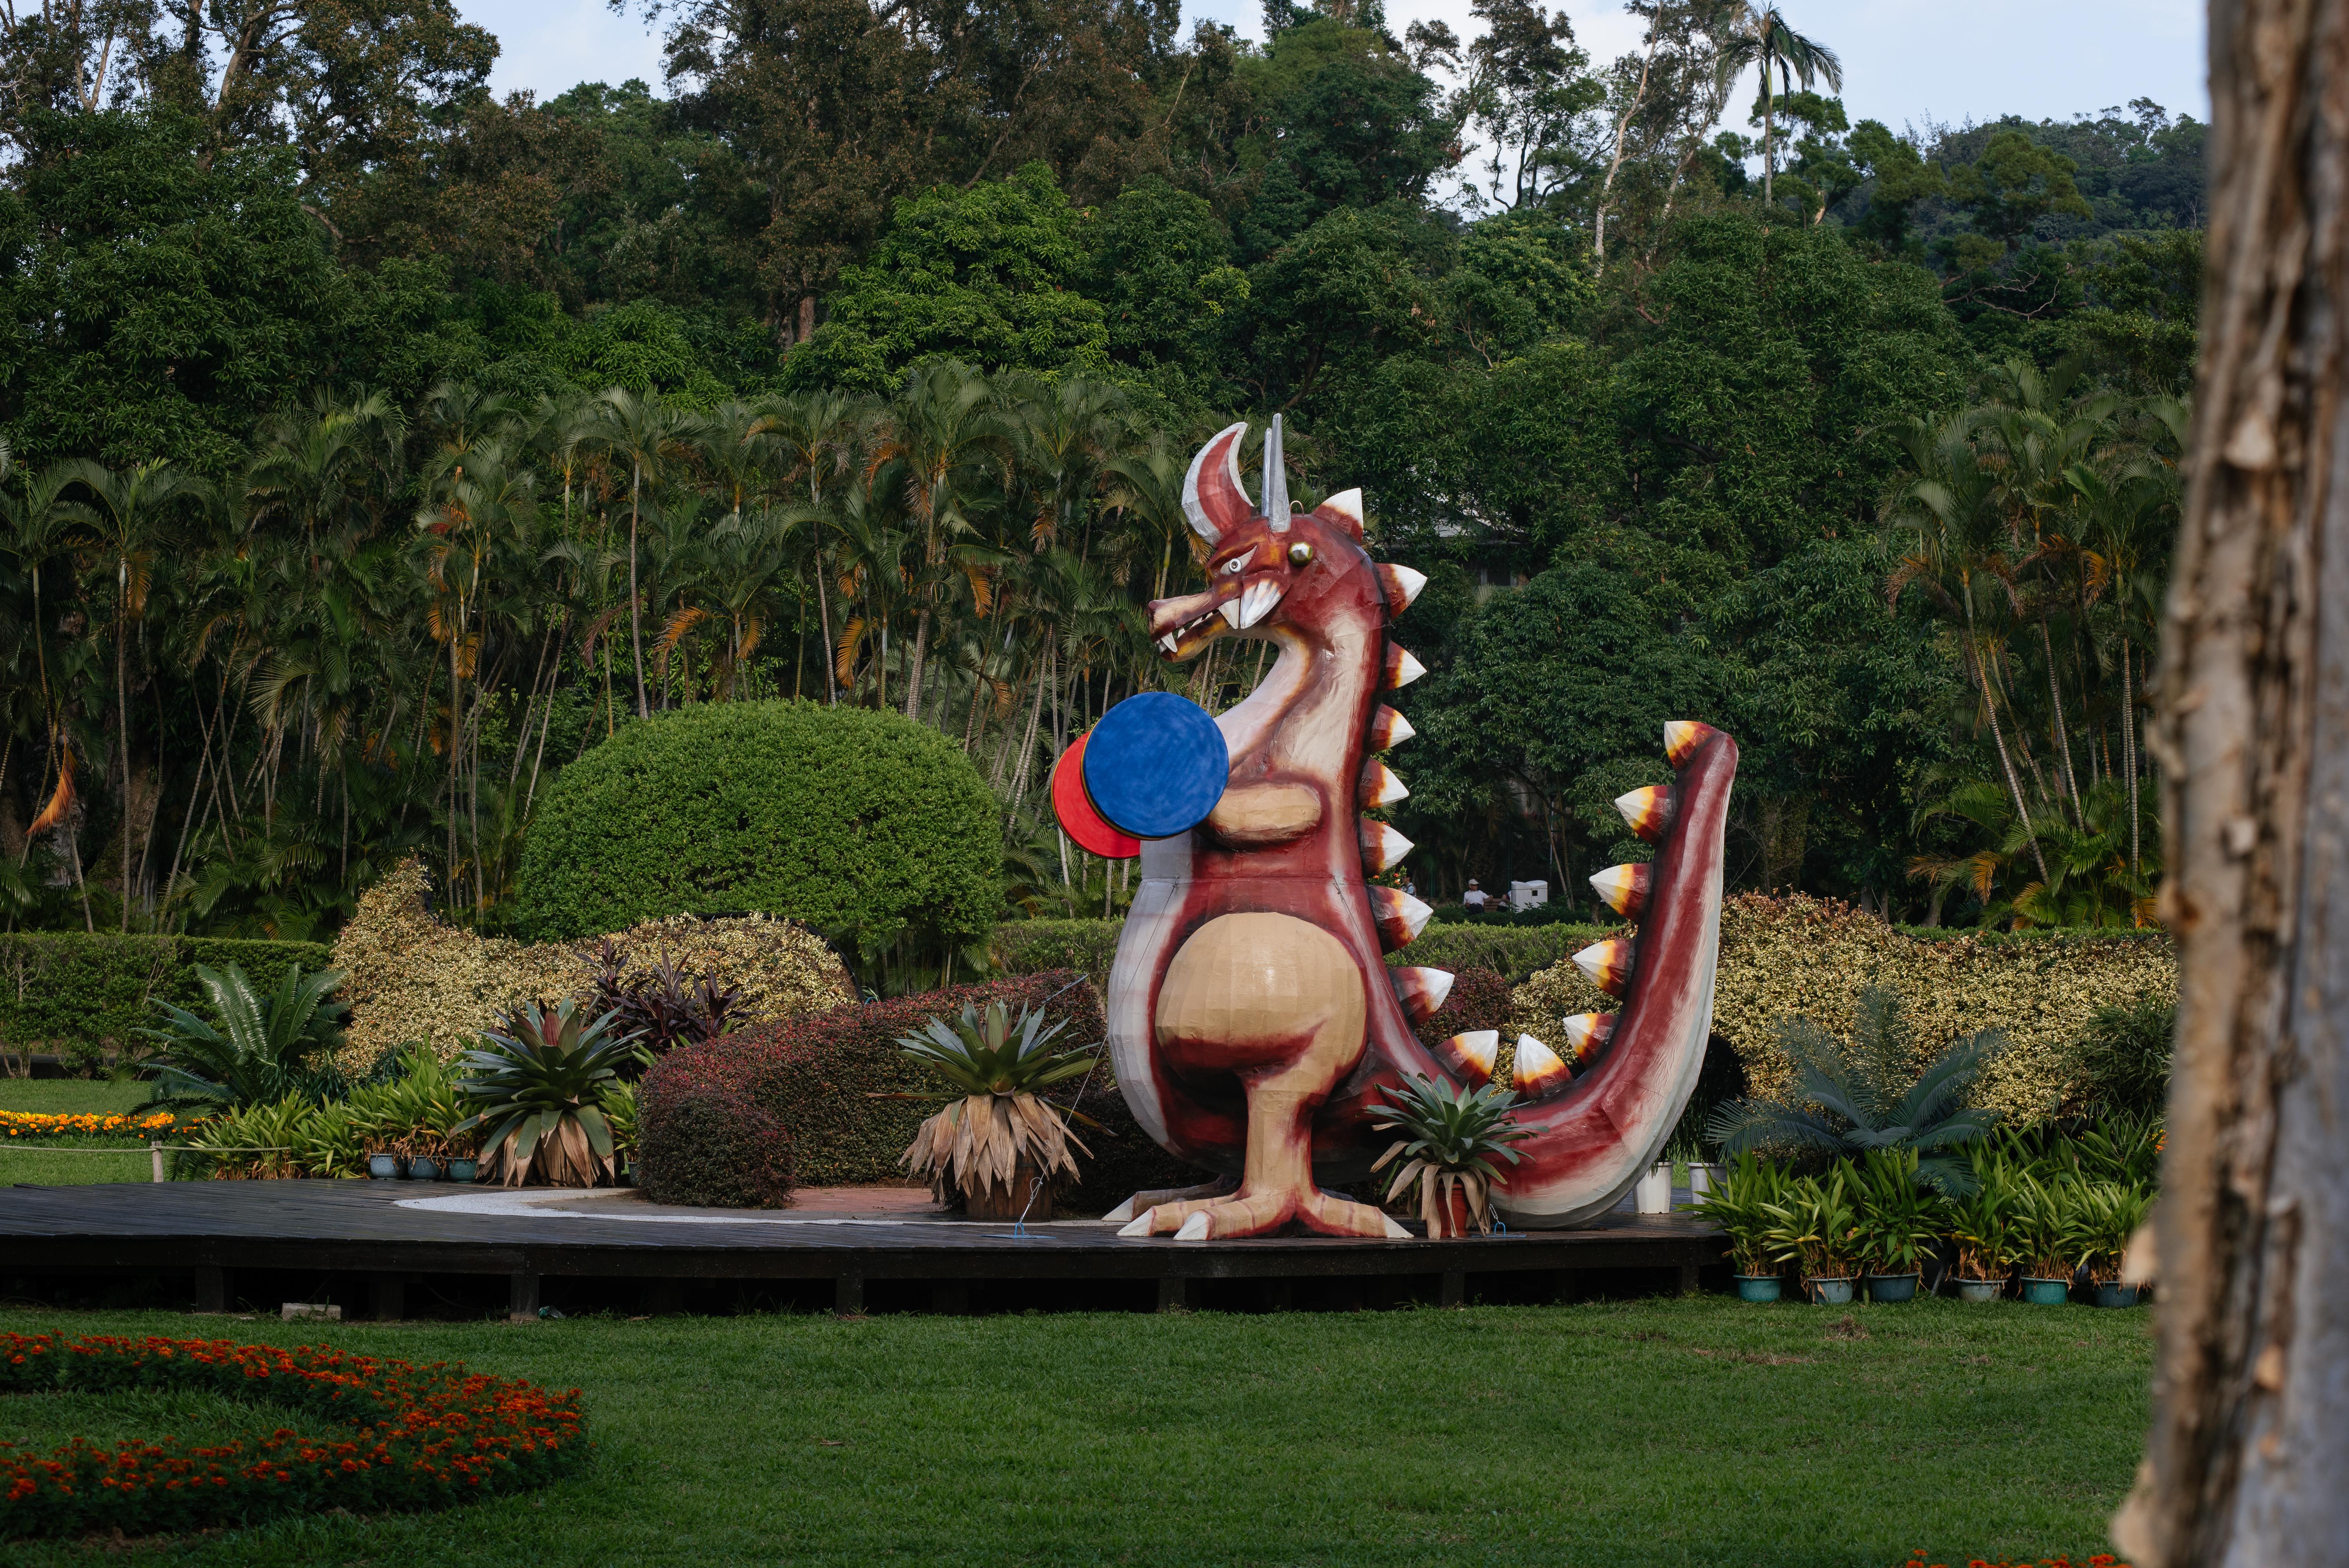 主題園區「舉菊精彩」,大恐龍造型與菊花,成為民眾的拍攝對象。攝影/林梓晴